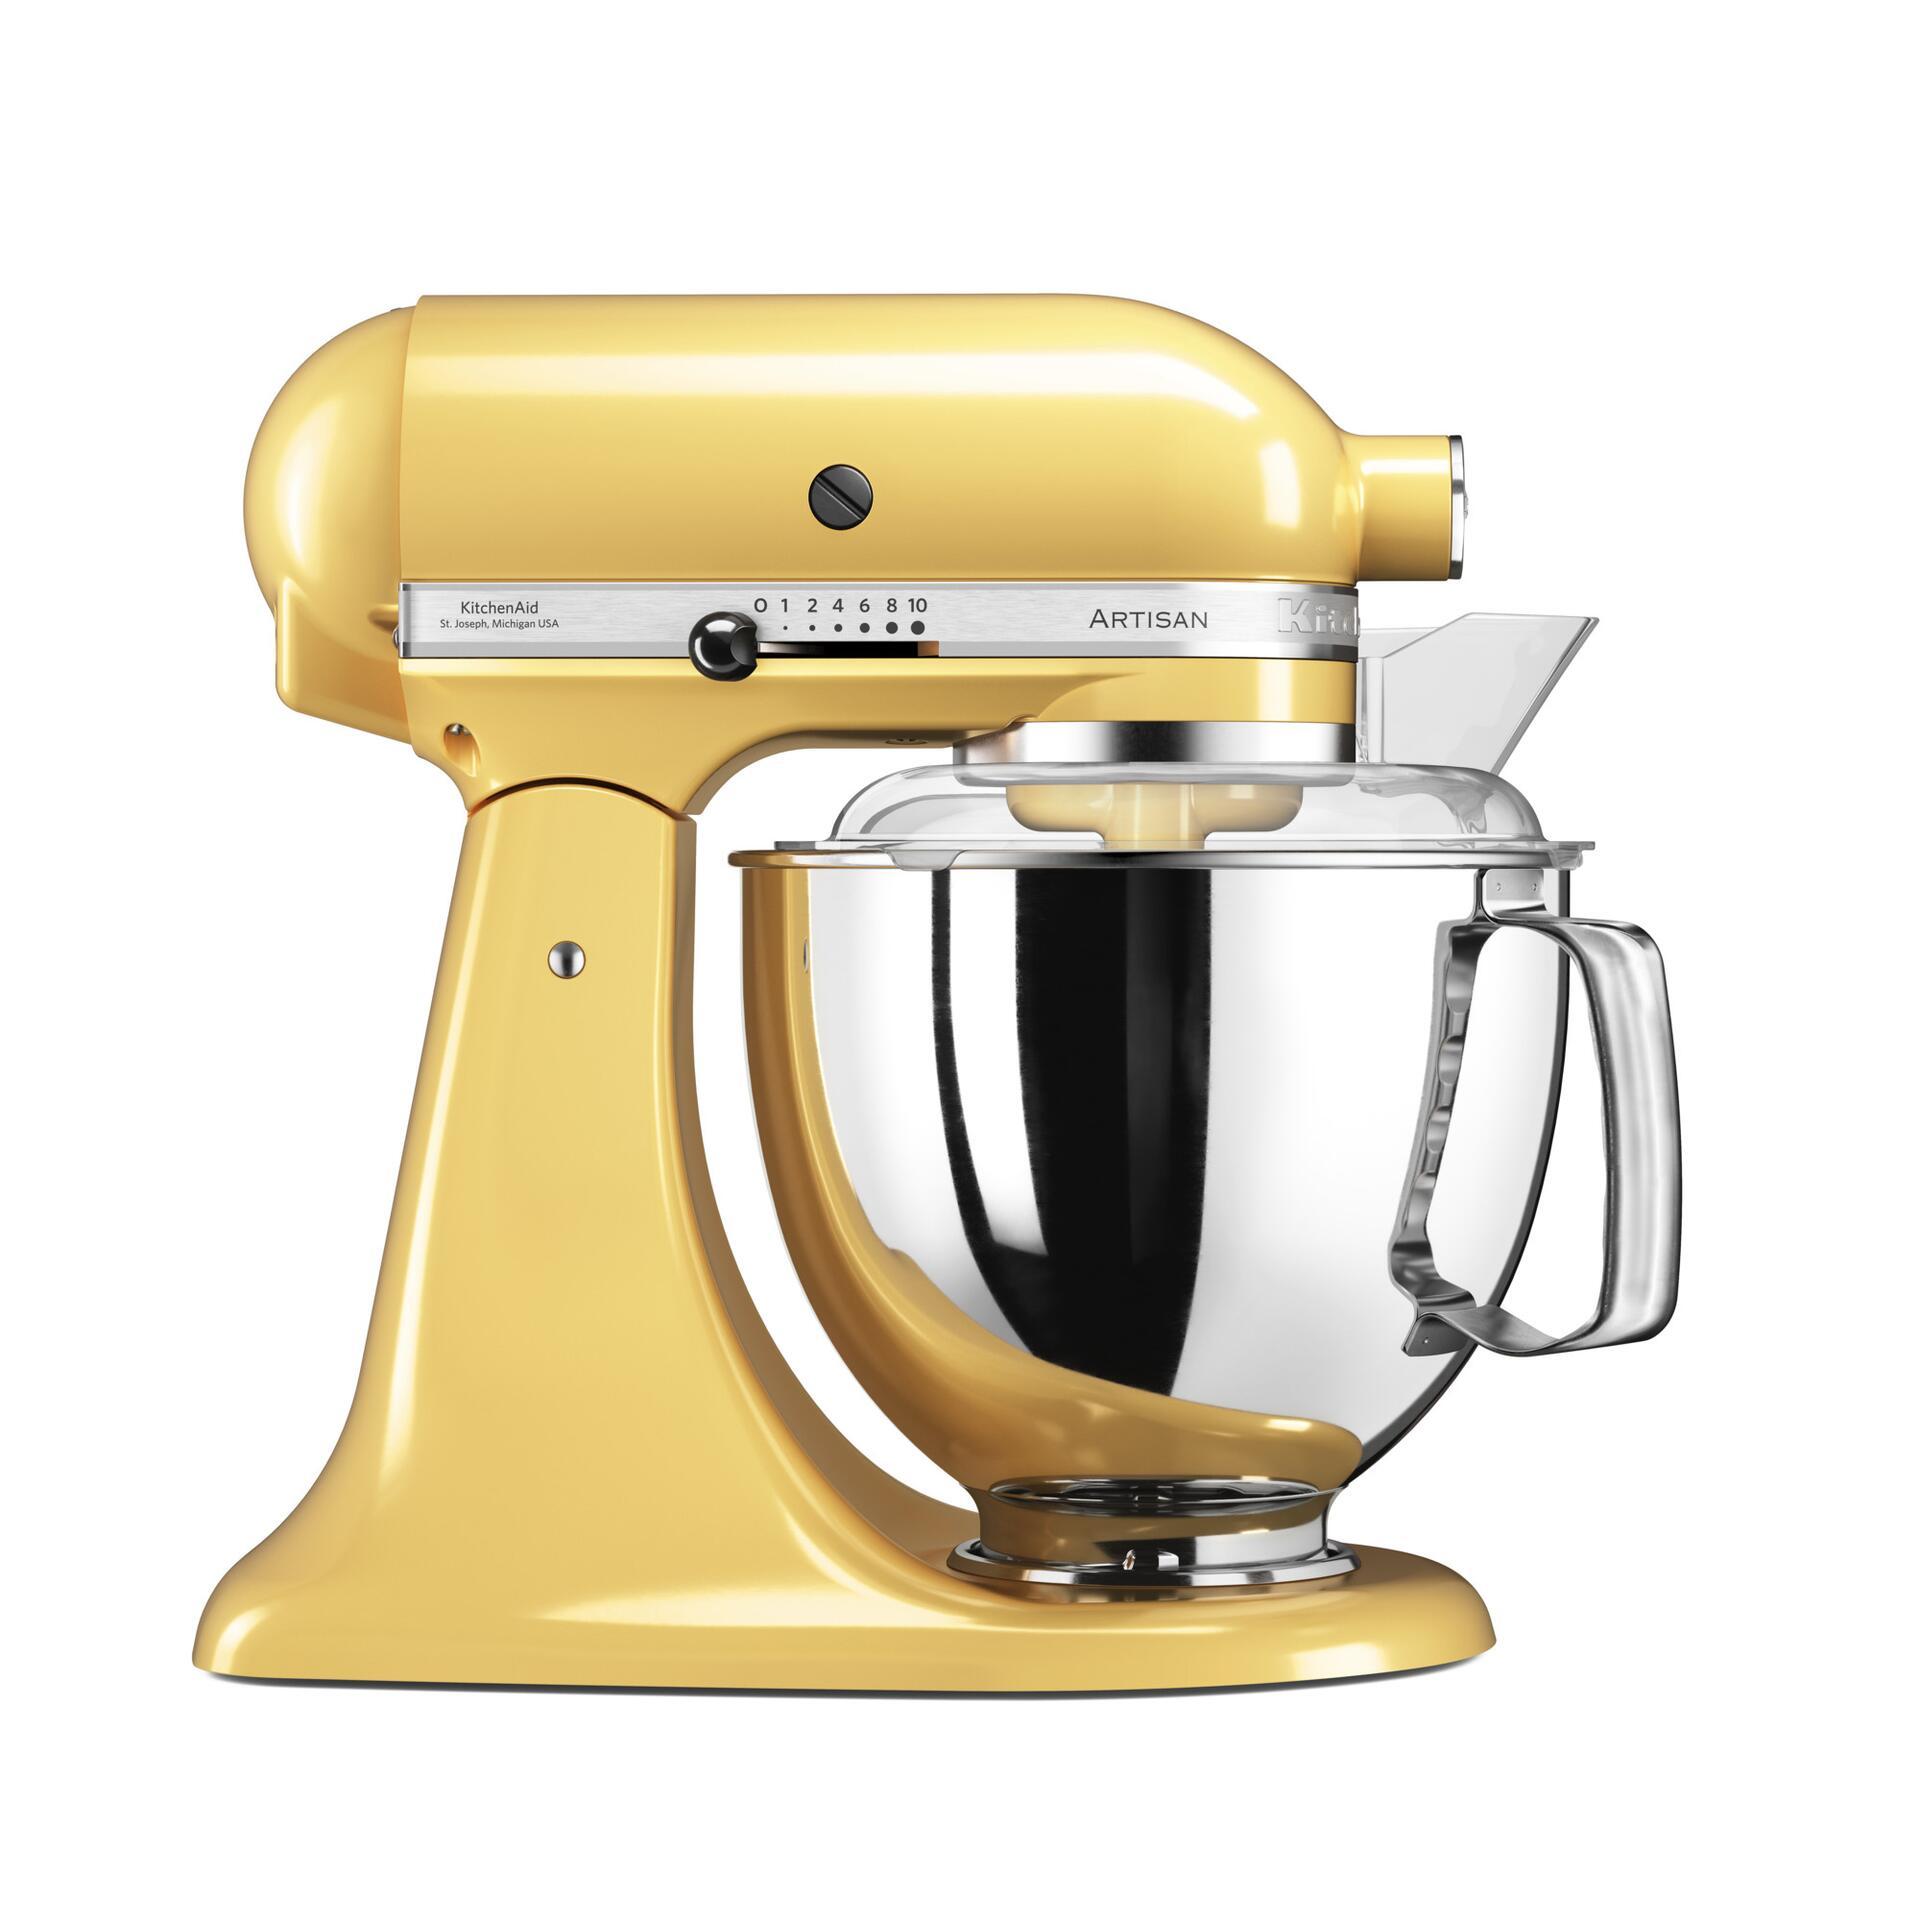 Kitchenaid Küchenmaschine Pastellgelb 5KSM175PSEMY